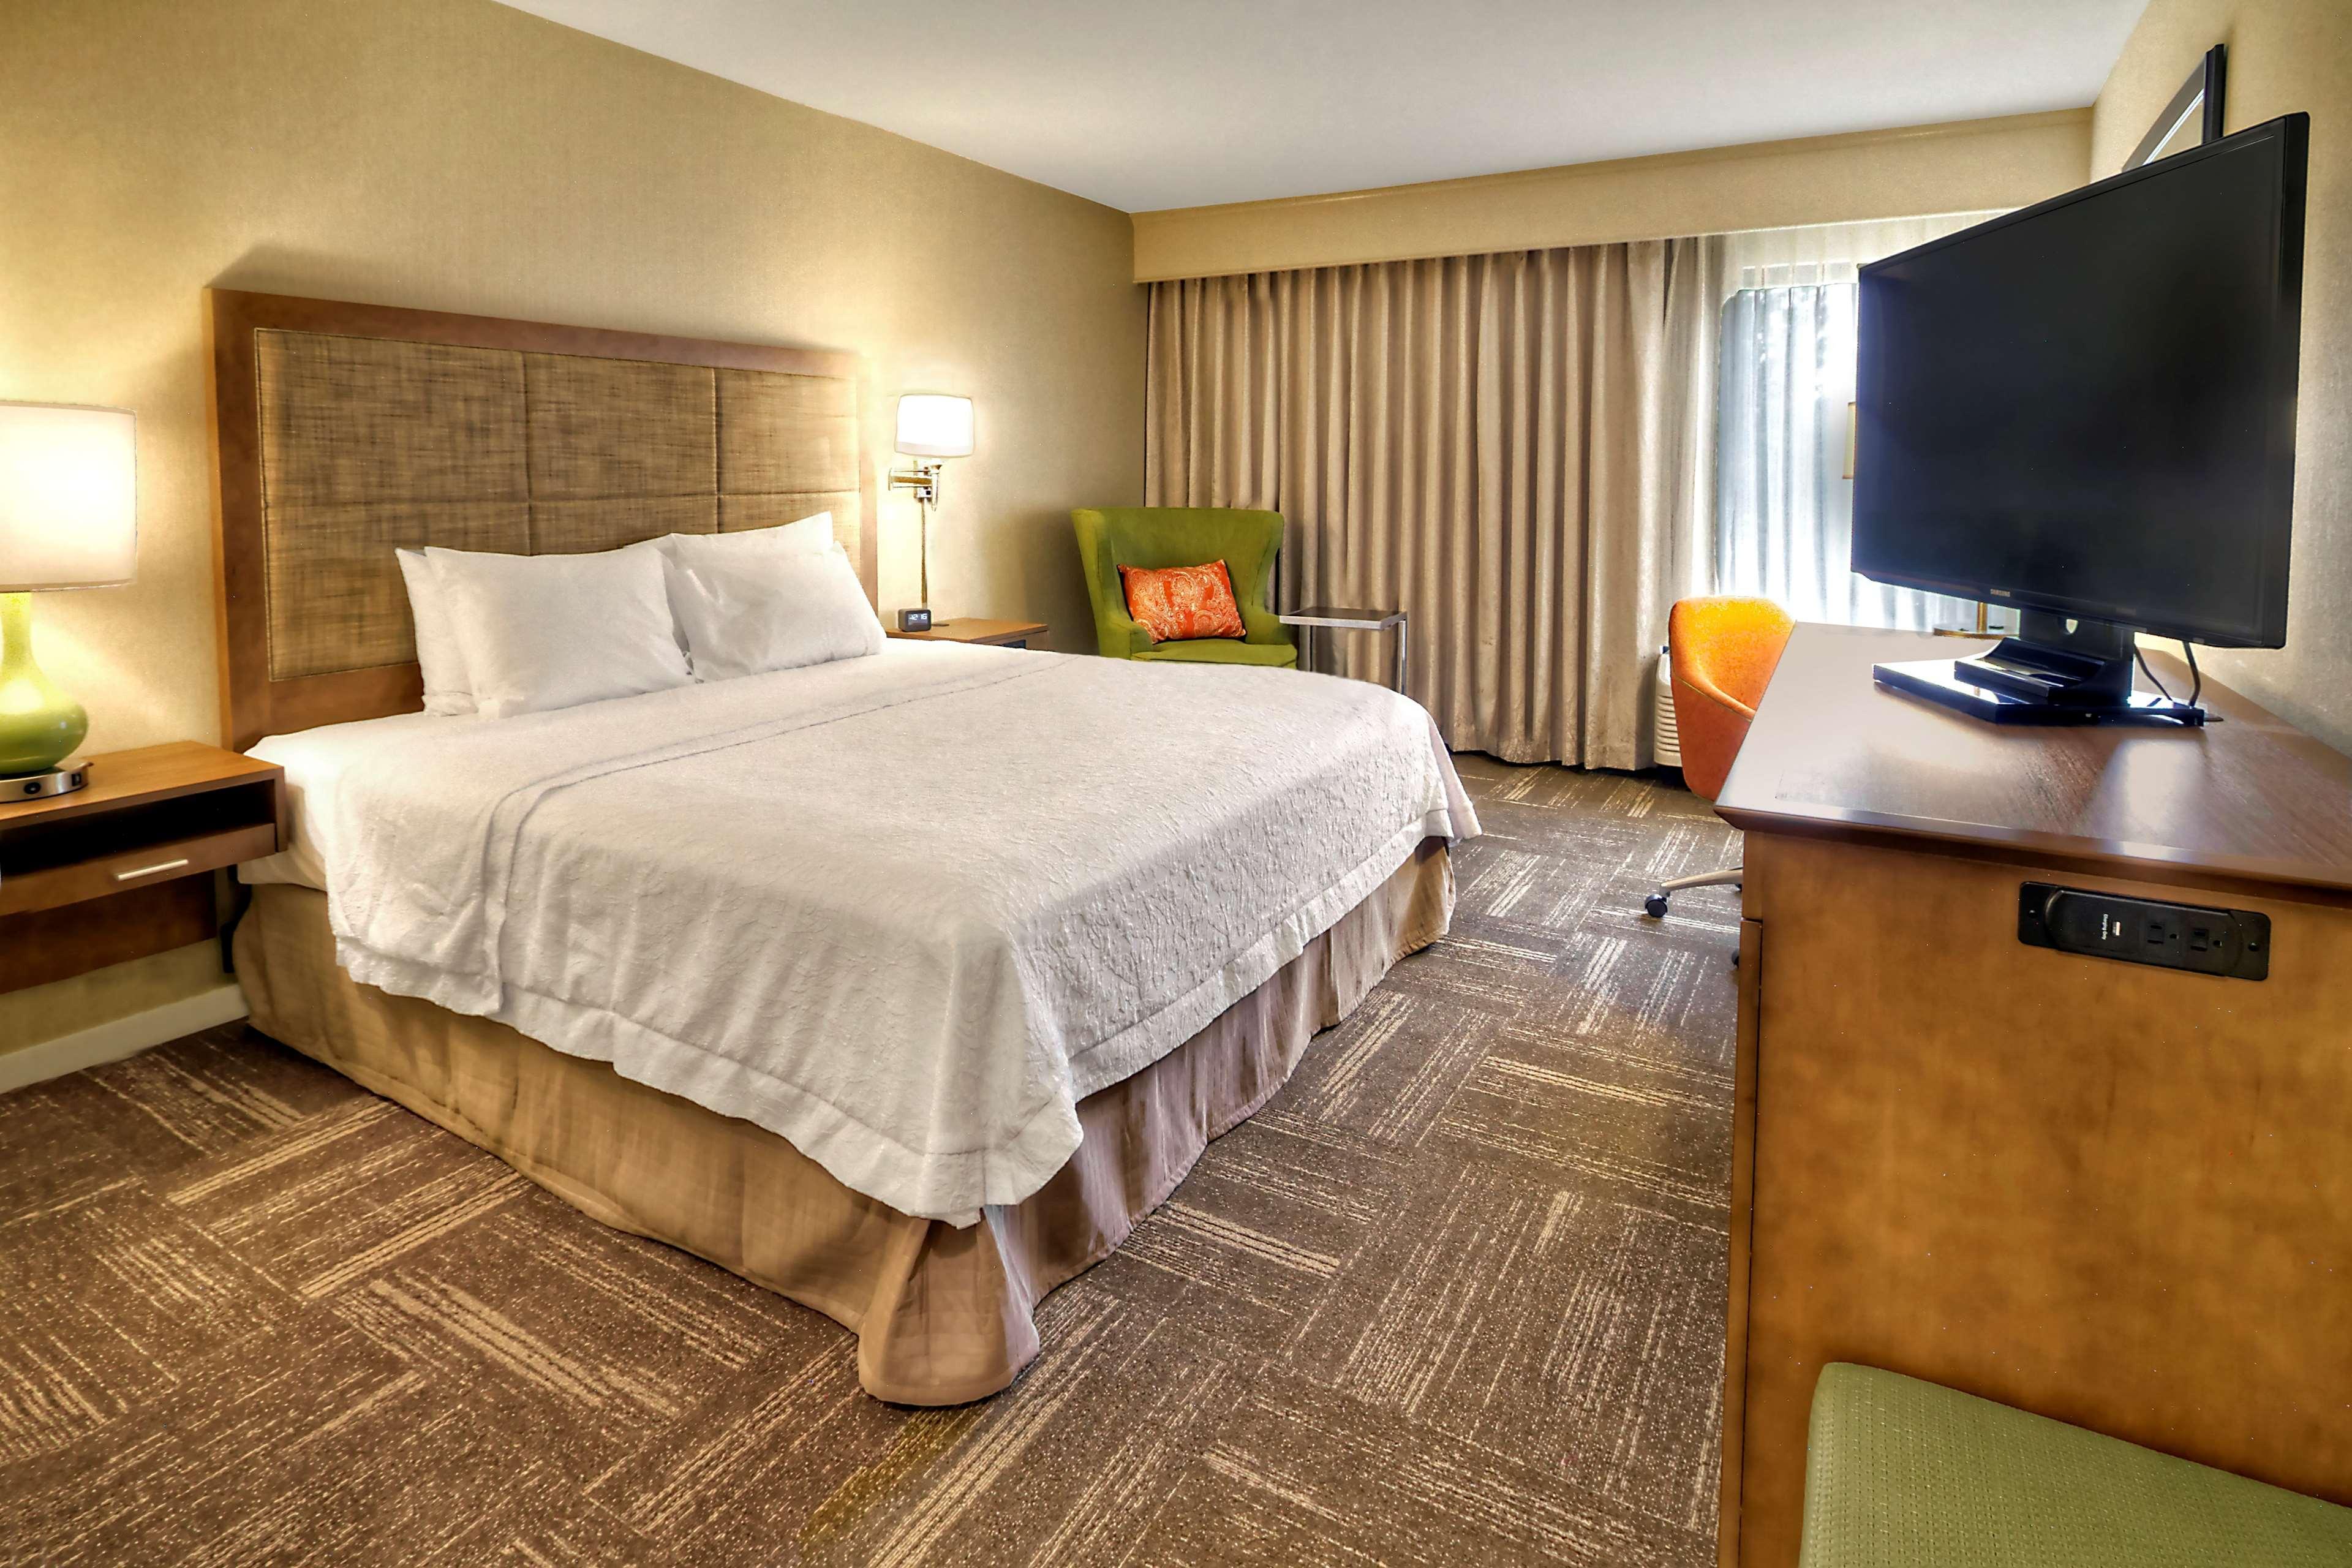 Hampton Inn & Suites Asheville-I-26 image 12